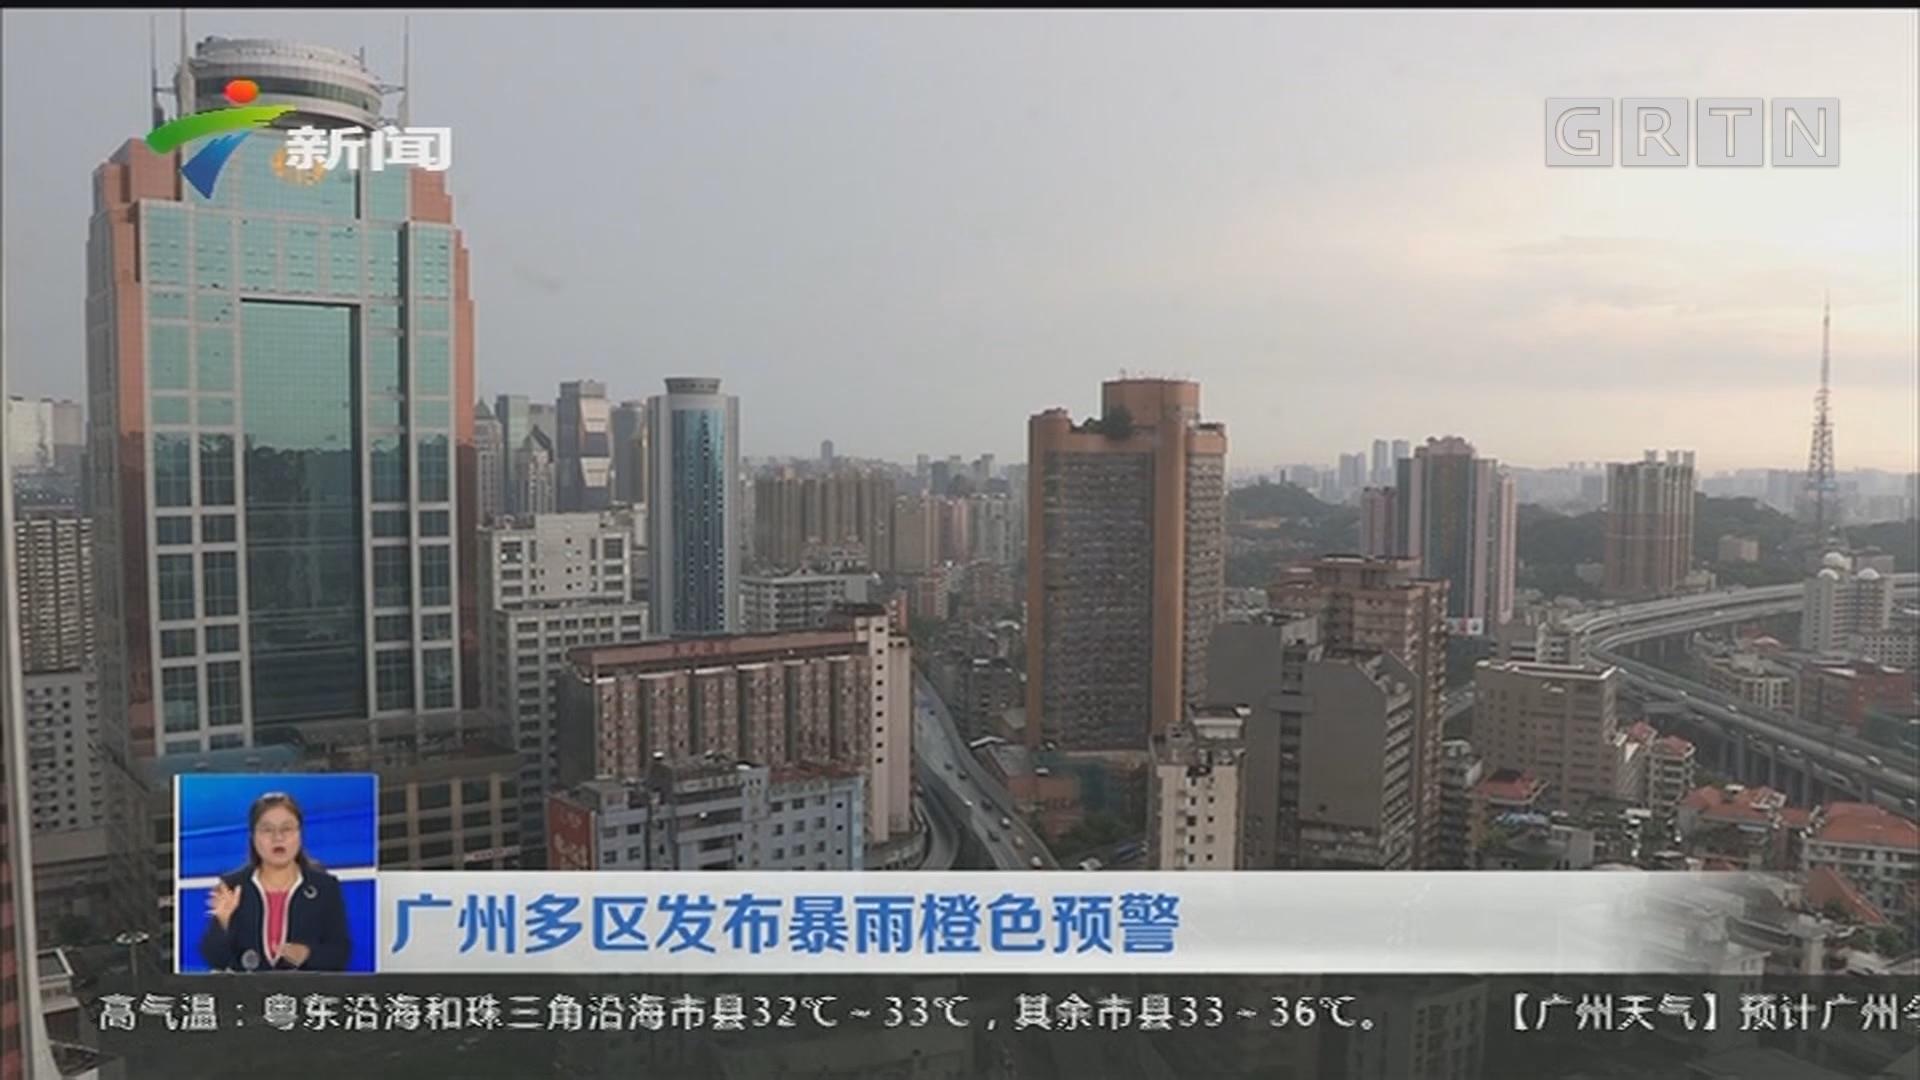 广州多区发布暴雨橙色预警